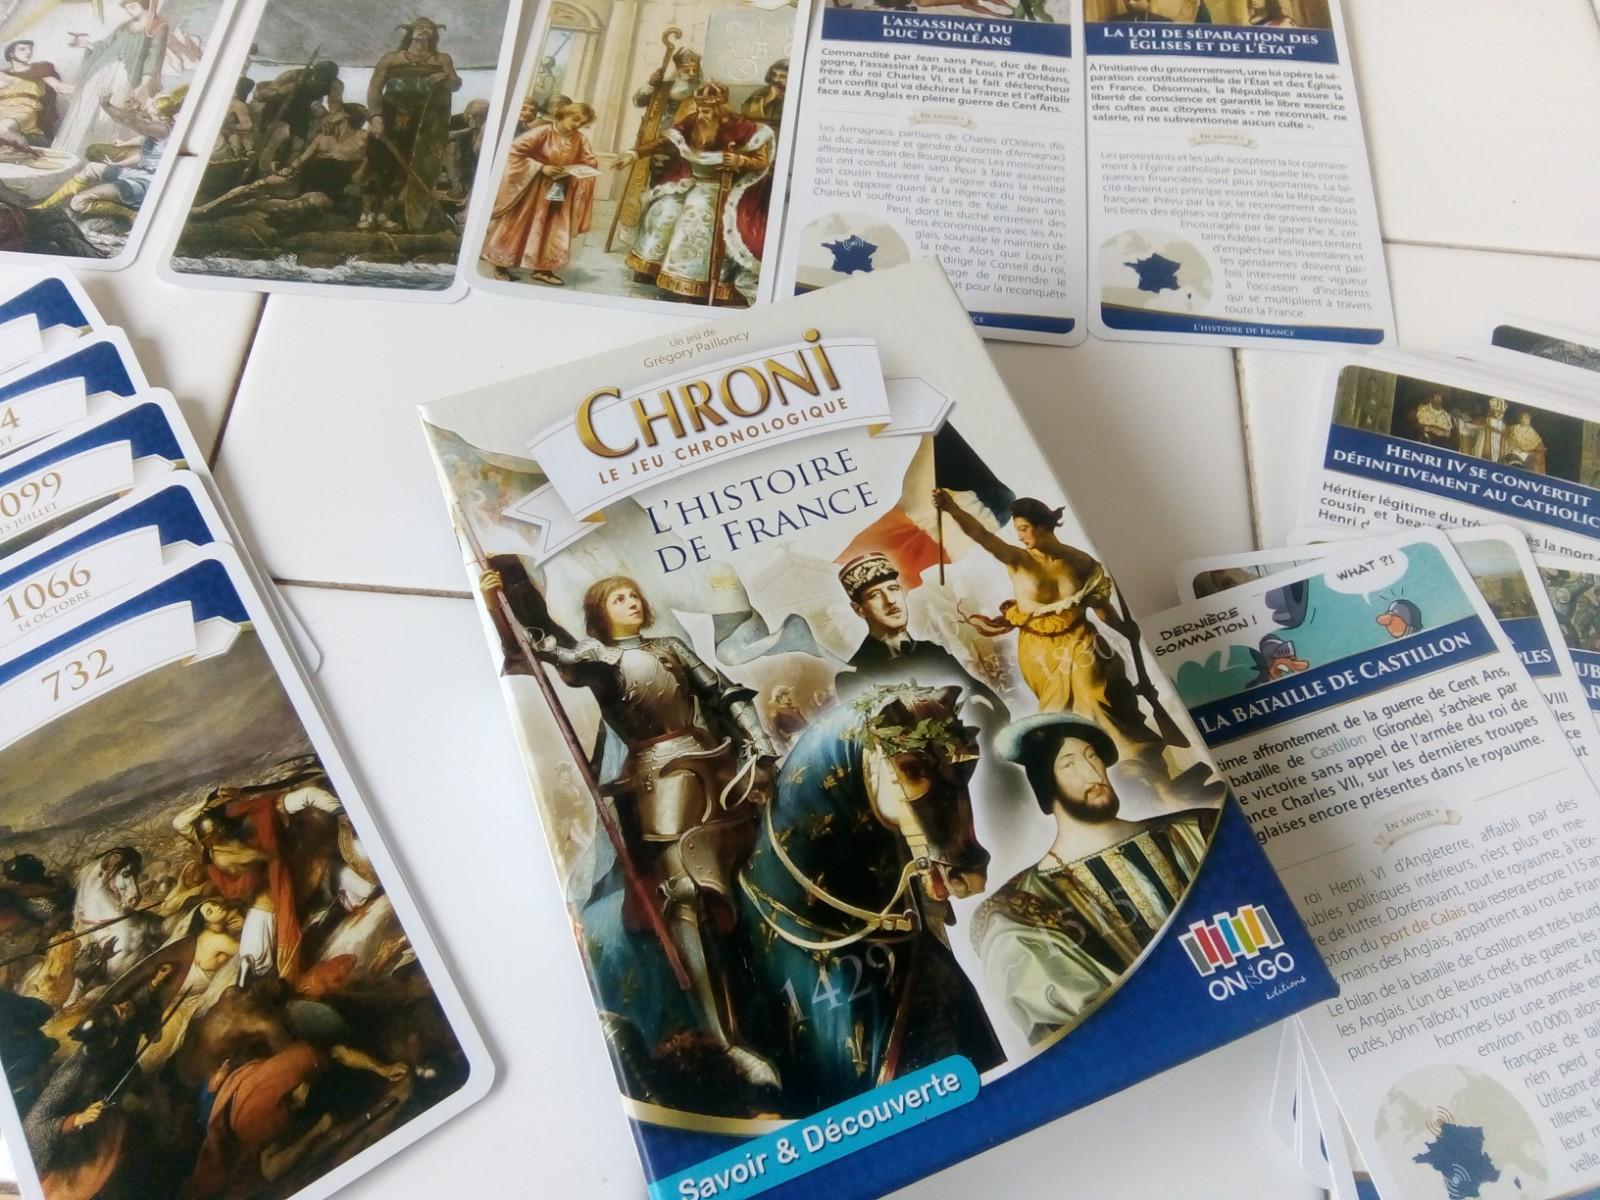 chroni jeu cartes histoire de france enfants